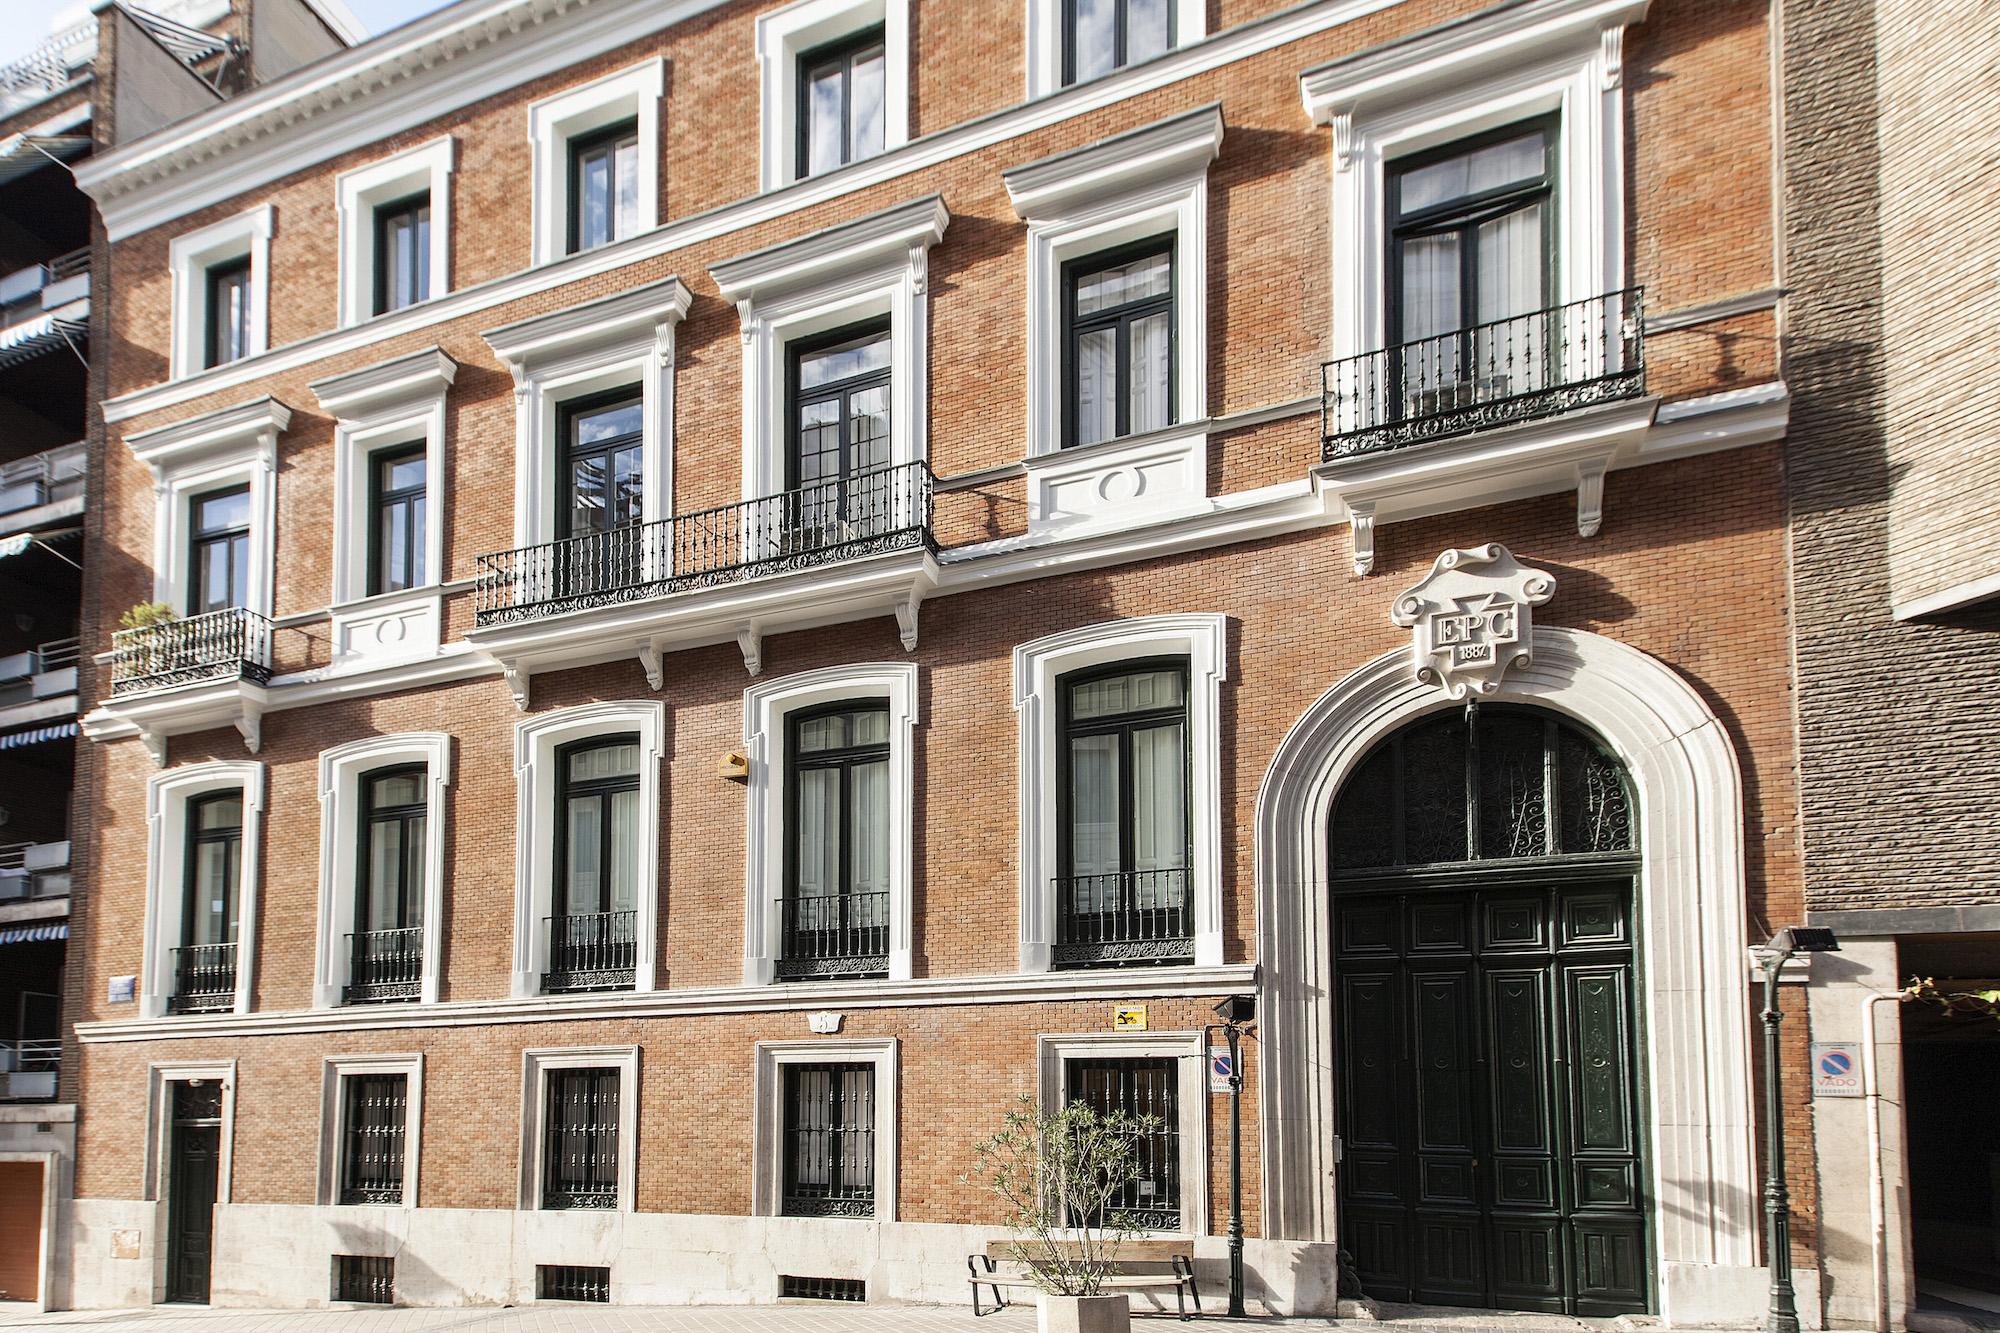 Un palacete sobre el antiguo Palacio del Buen Retiro